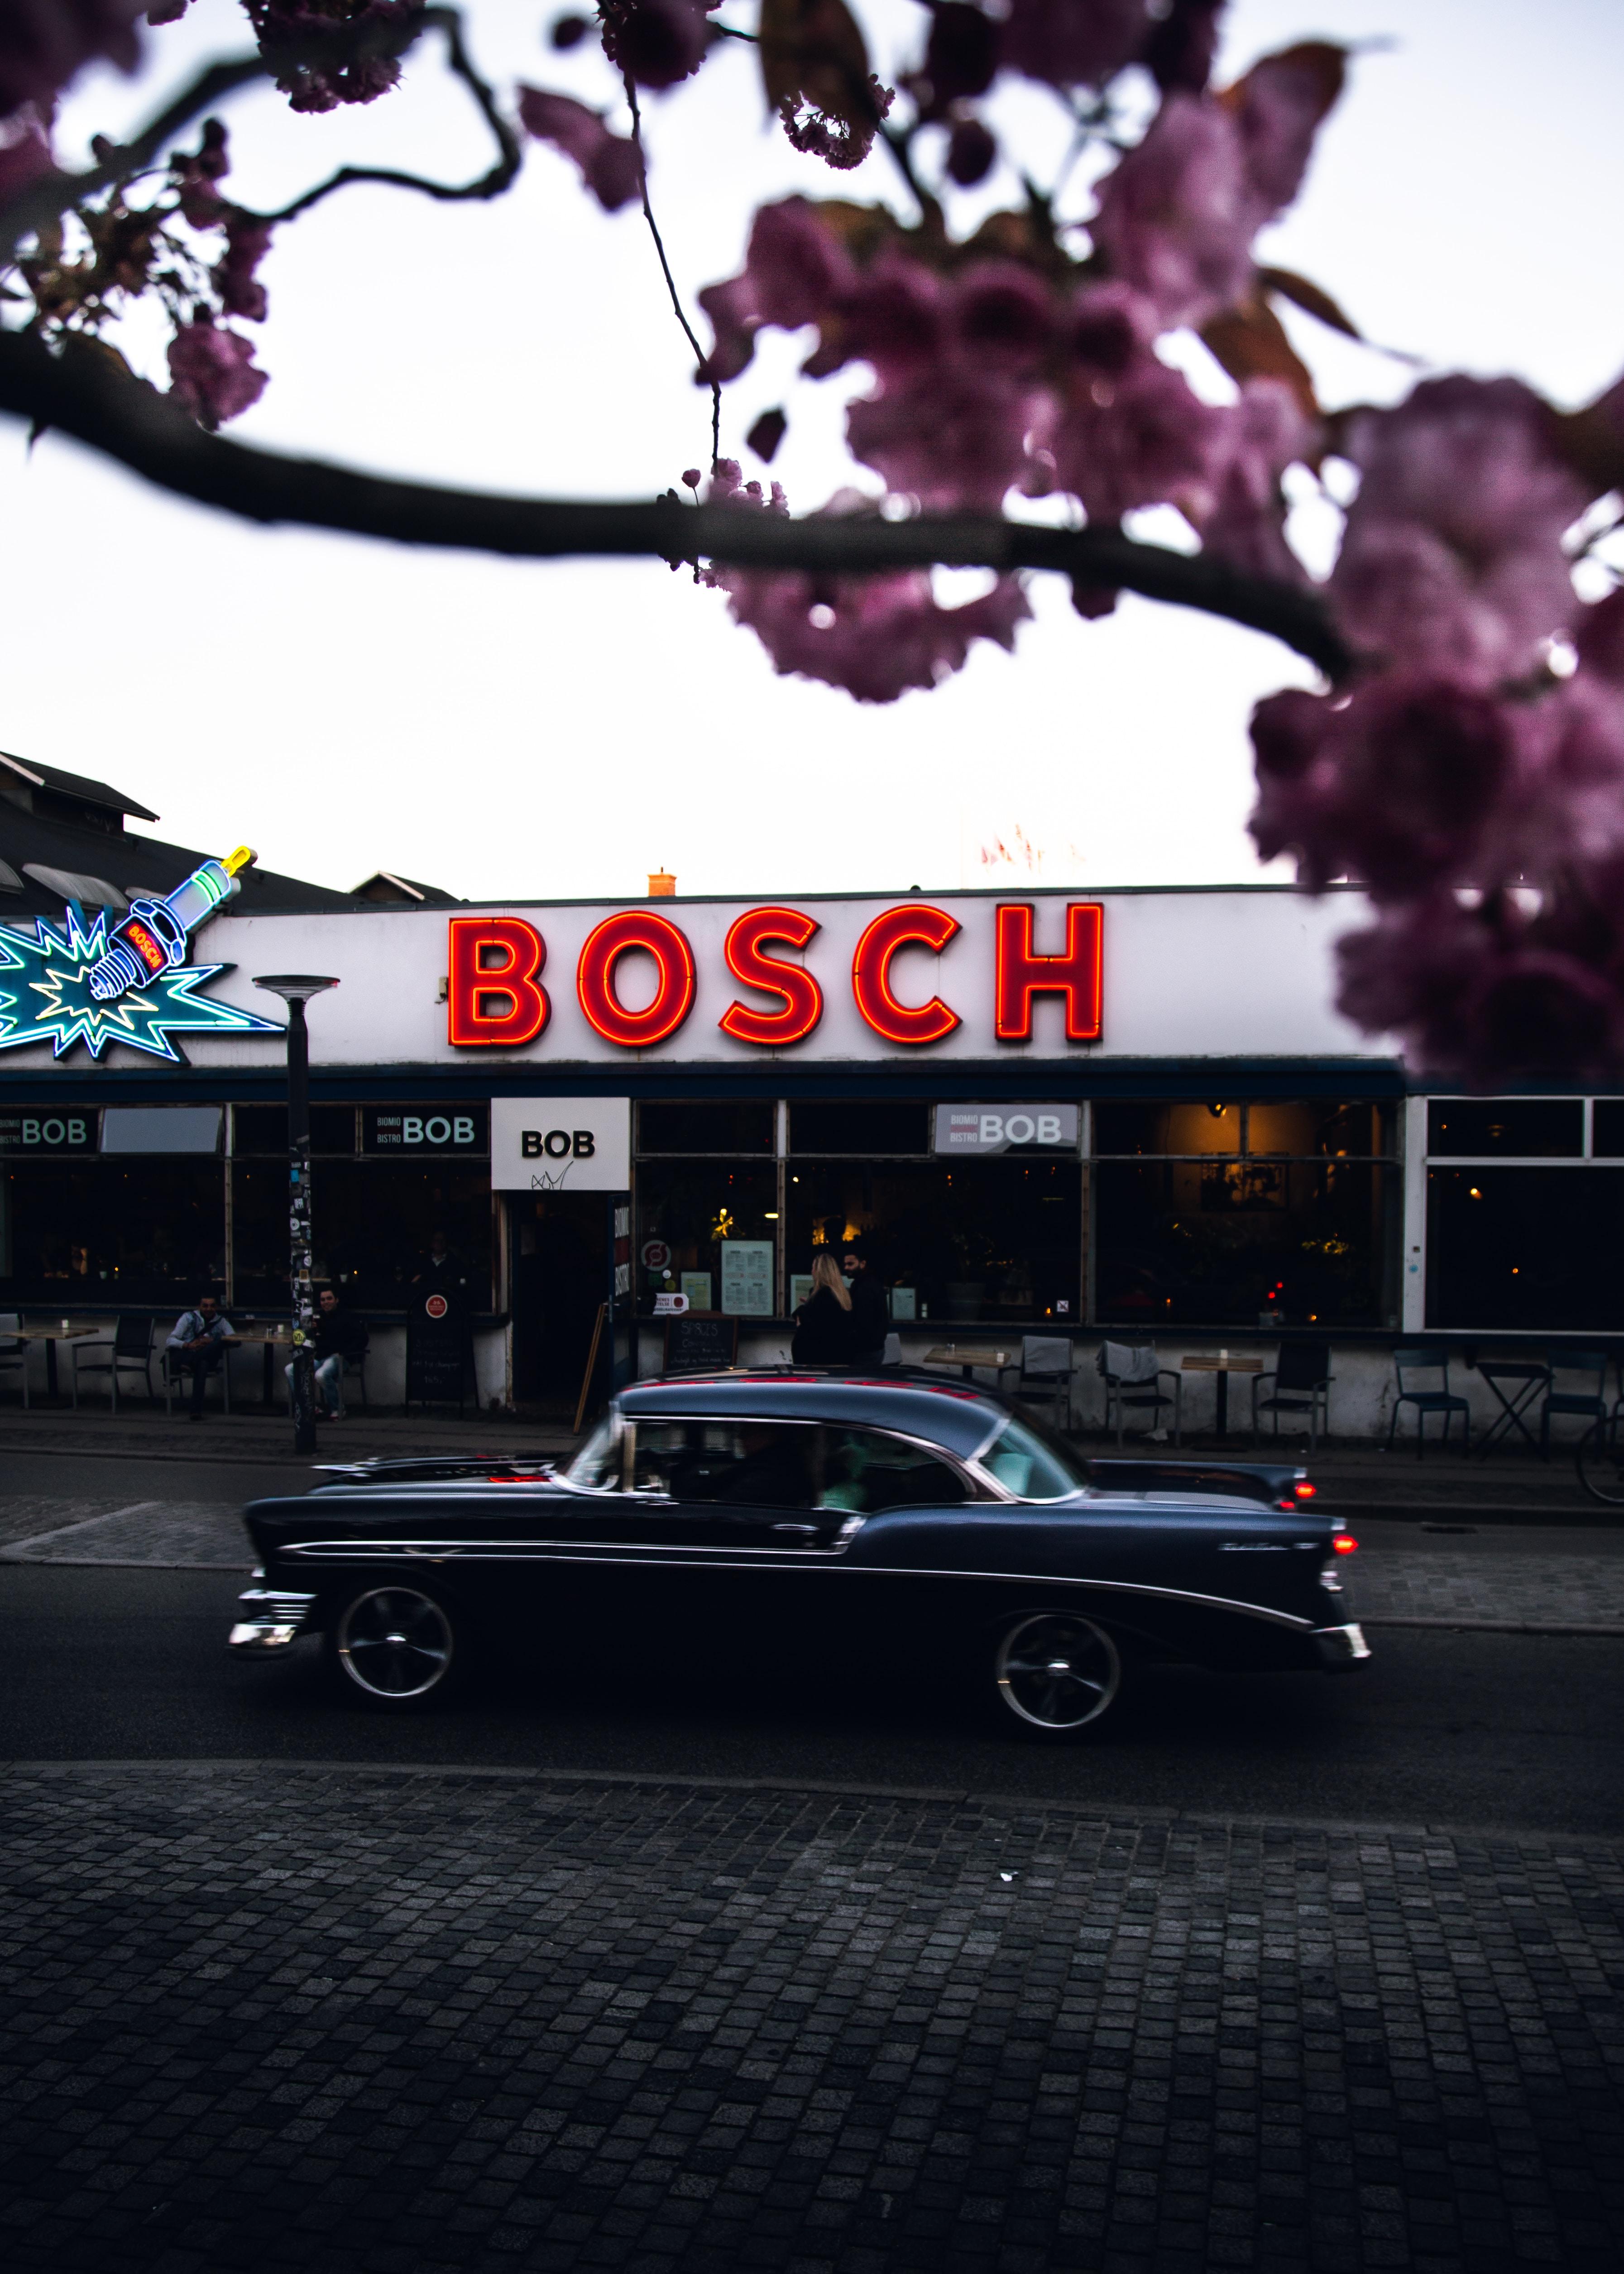 Bosch LED signage